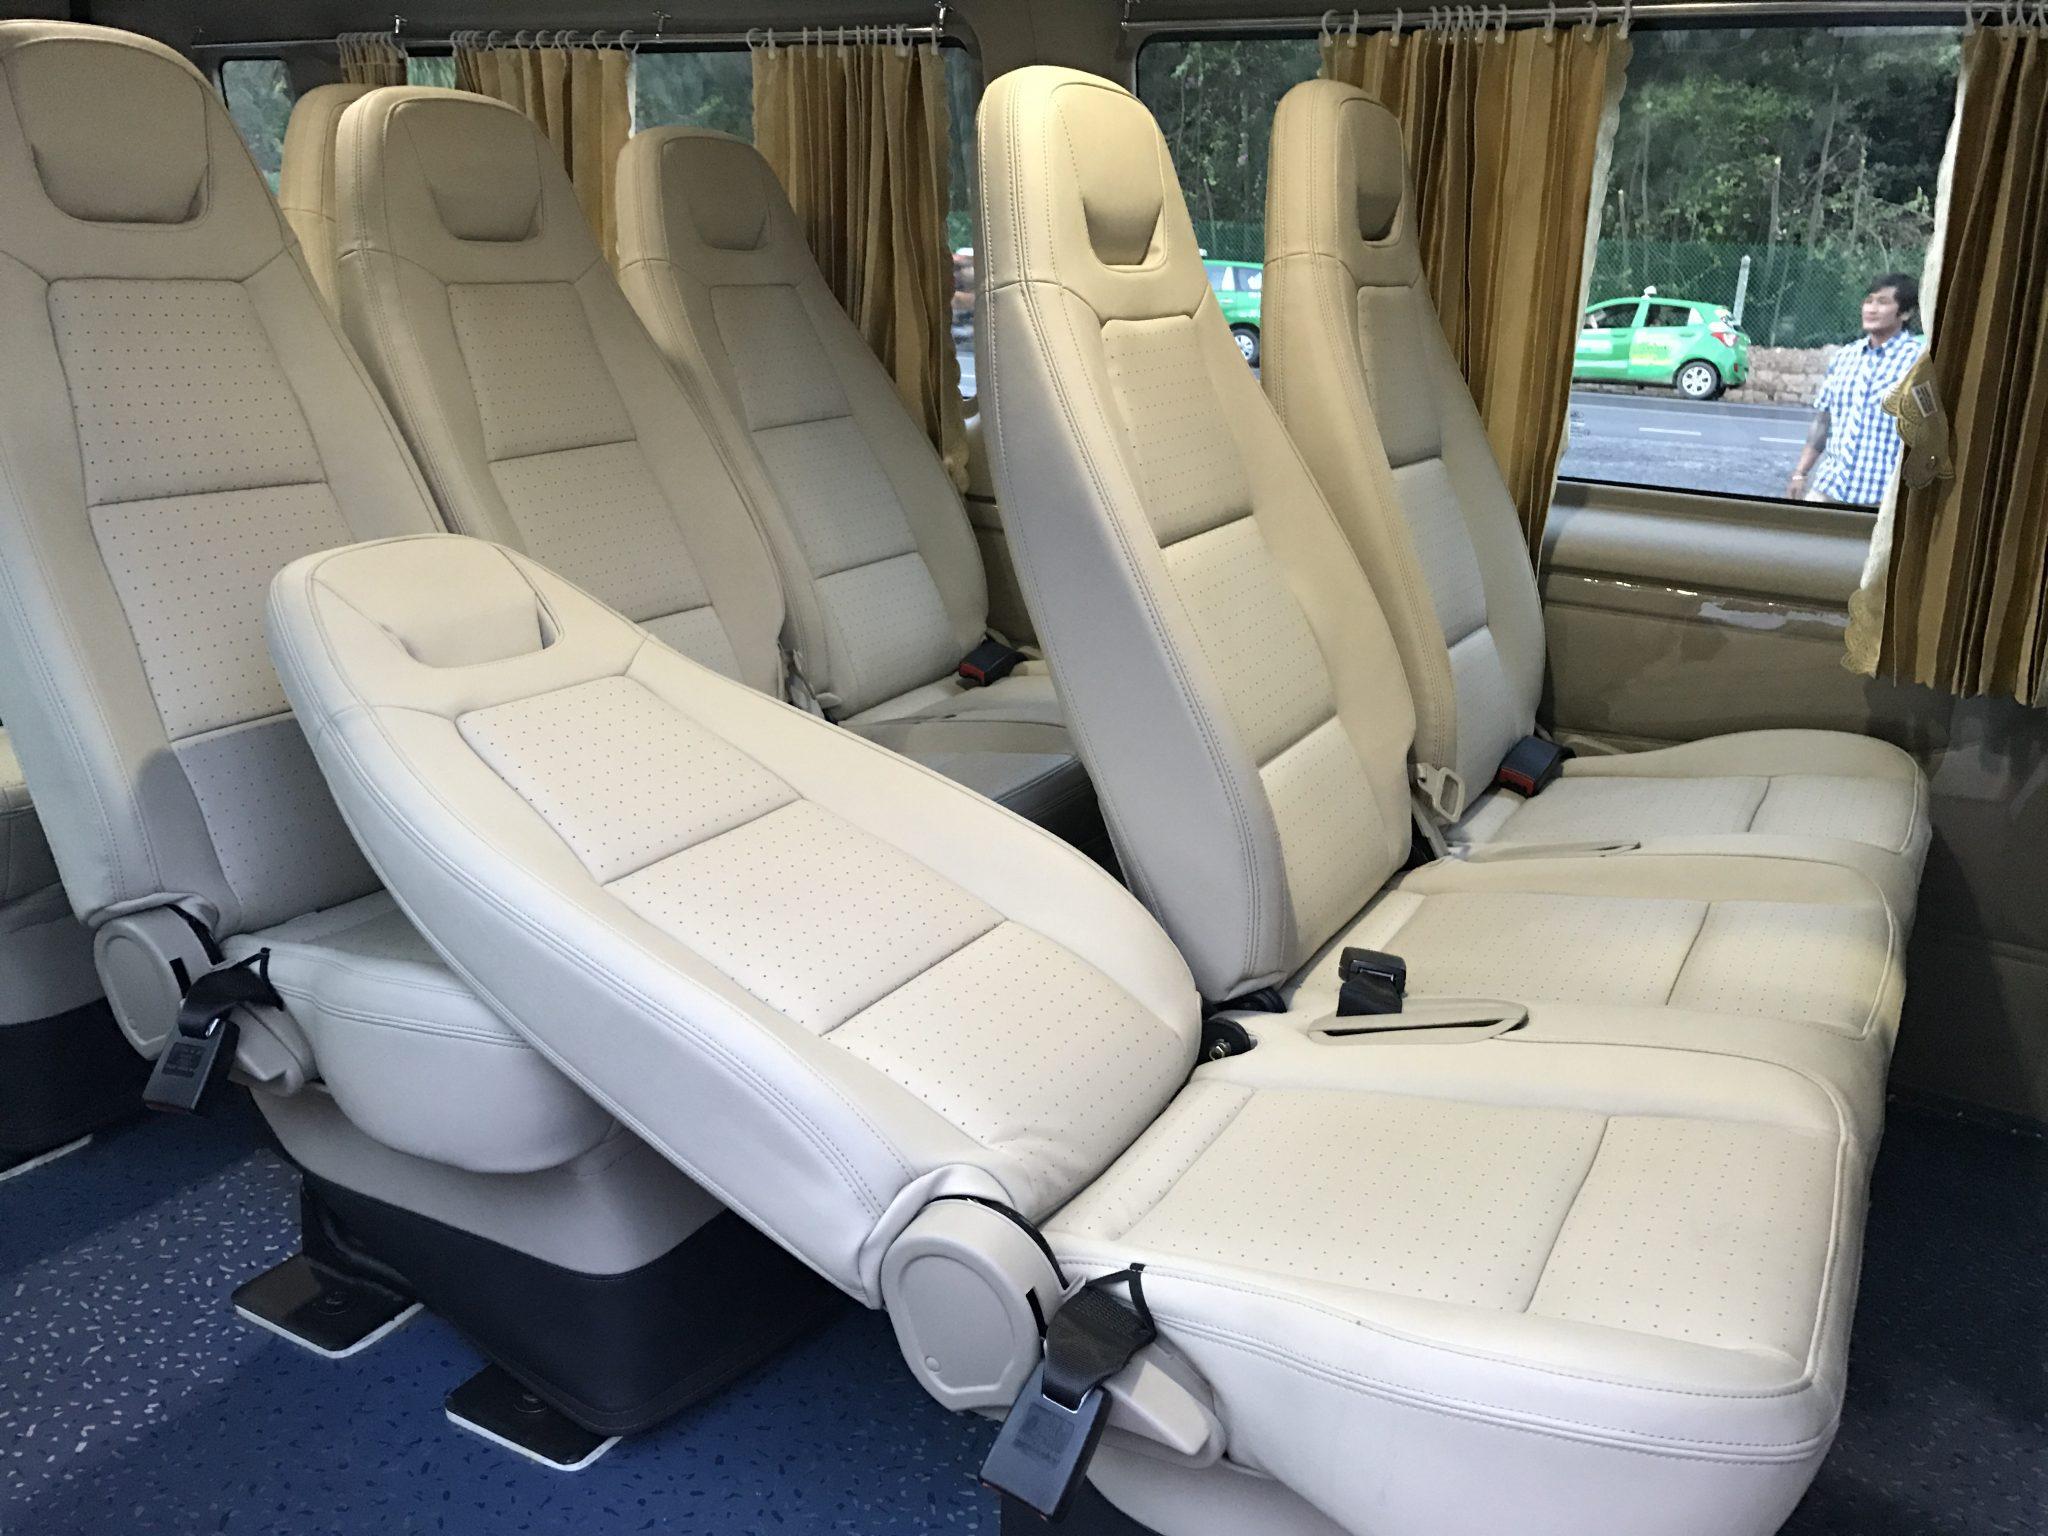 nội thất xe phi loan 16 chỗ tại quận 7 du lịch Vũng Tàu